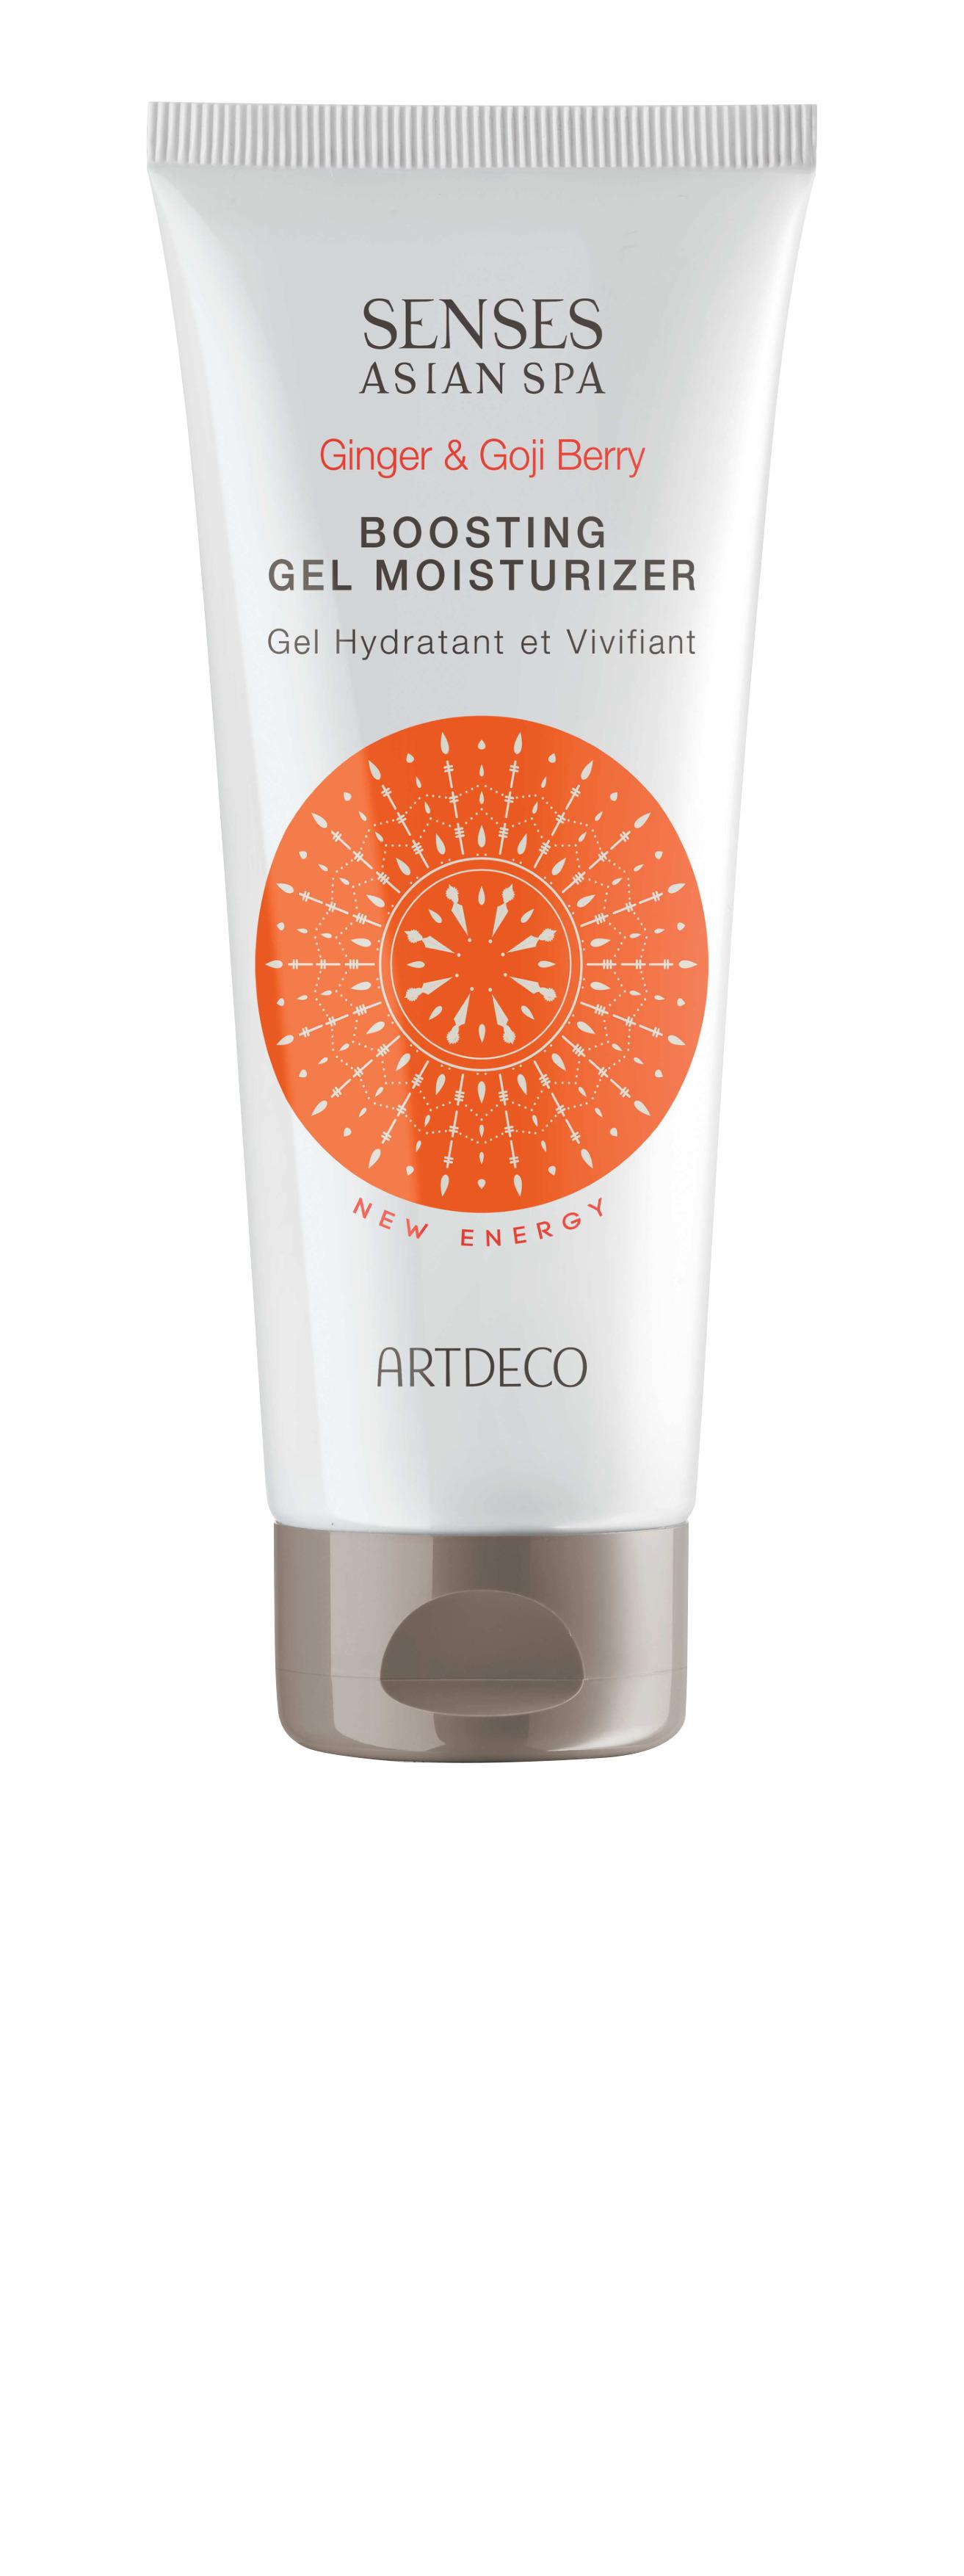 Artdeco гель для тела тонизирующий увлажняющий Boosting gel moisturizer, new energy, 200 млБ33041Освежает и увлажняет кожу С легкой, быстро впитывающейся текстурой